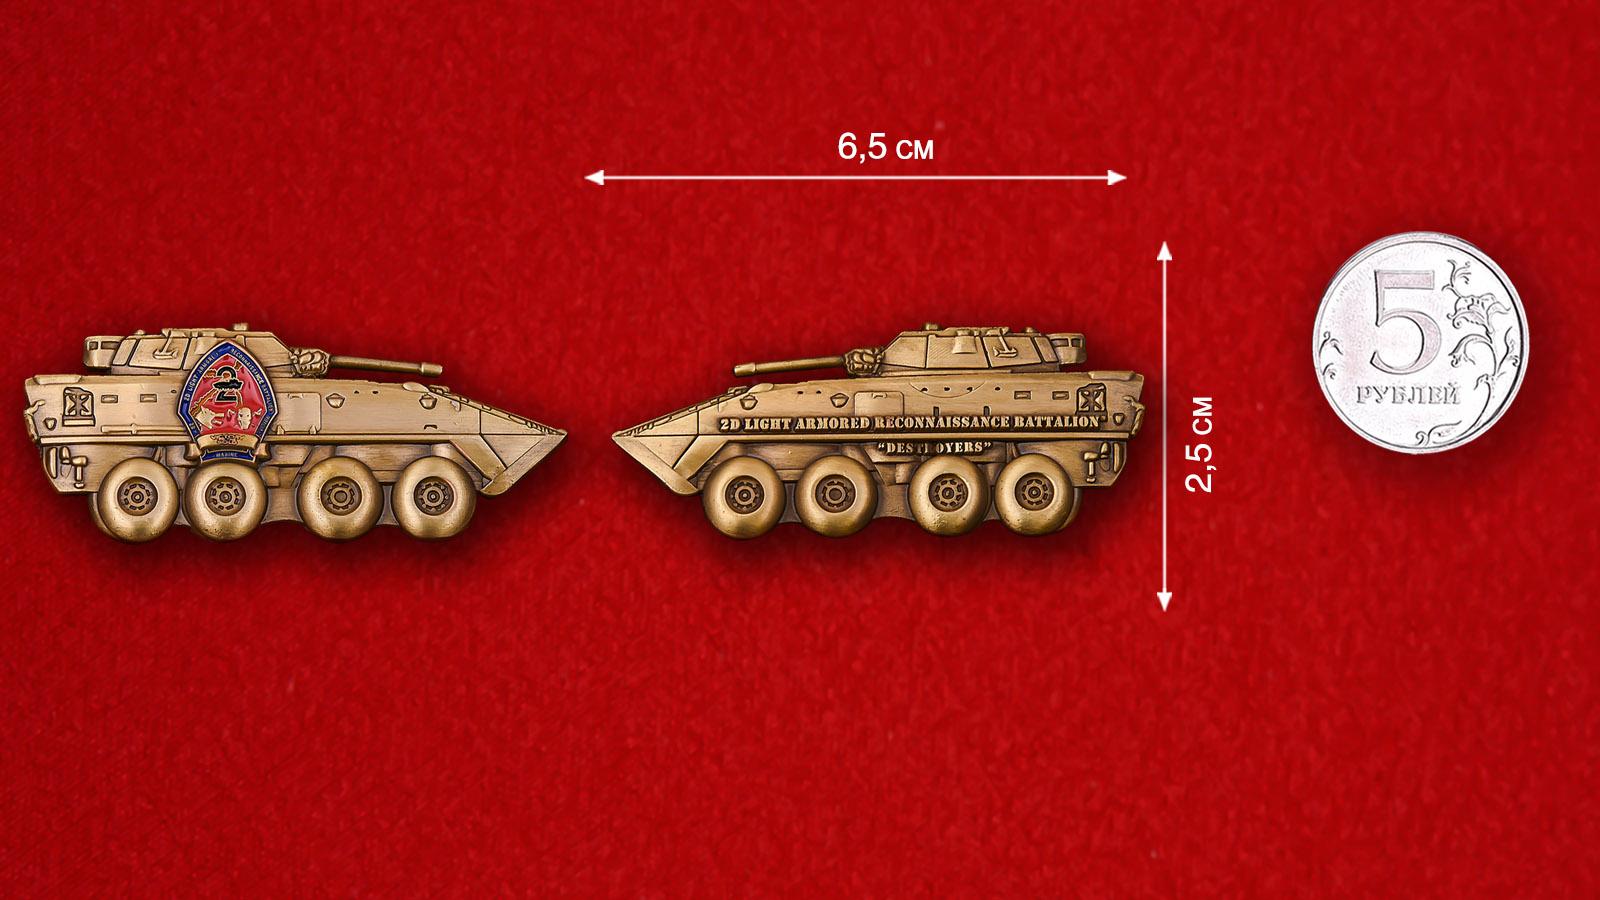 """Челлендж коин 2-го легкого разведывательного бронетанкового батальона """"Разрушители"""""""